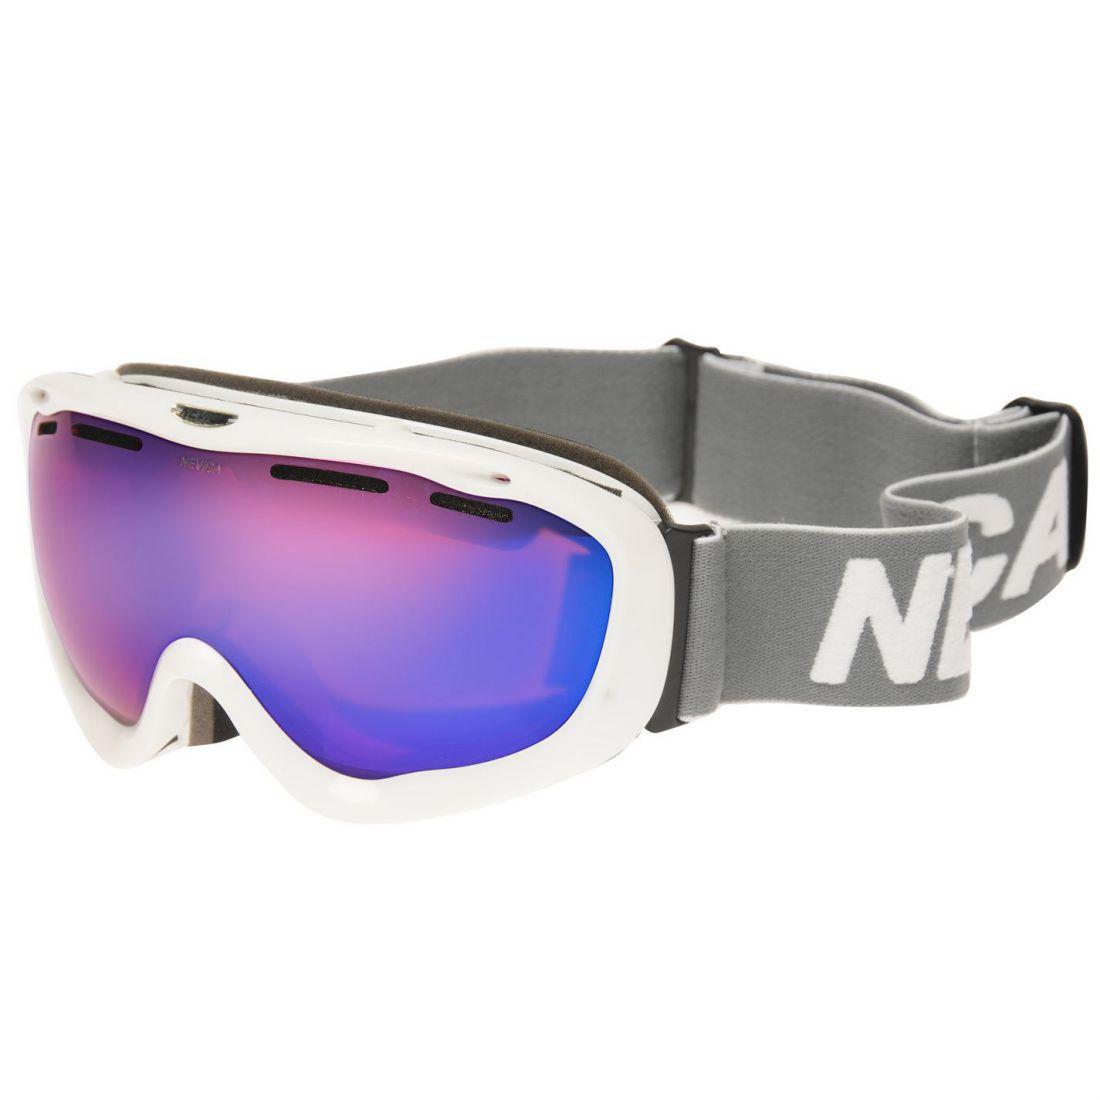 e7f4dc3489 Nevica Mens Vail Ski Goggles Headstrap